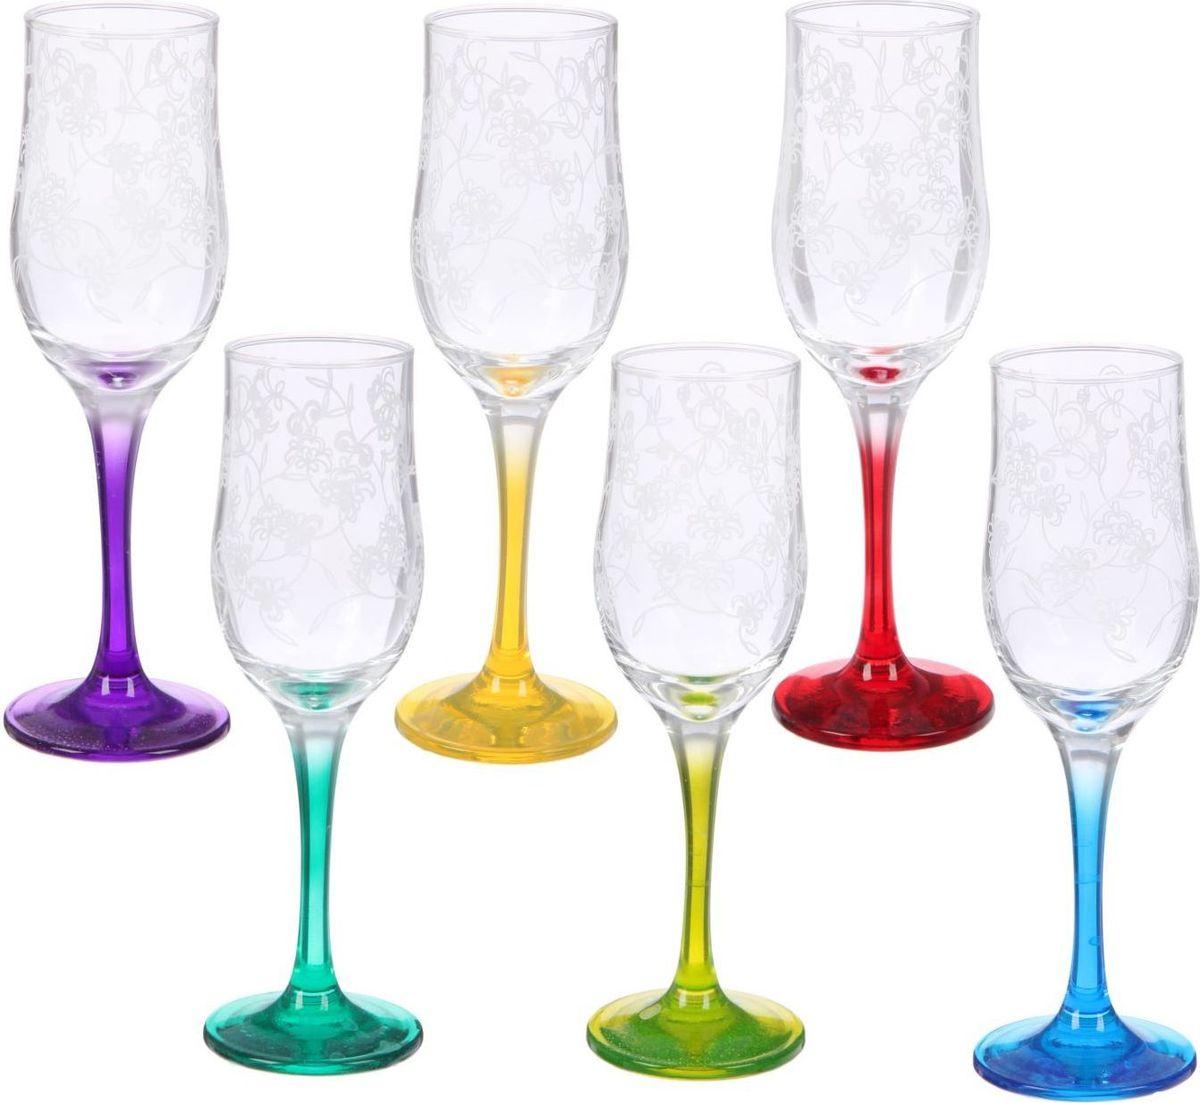 Набор бокалов для шампанского Декостек Рrimavera, 200 мл, 6 шт. 2195436 garda decor набор бокалов для молодоженов